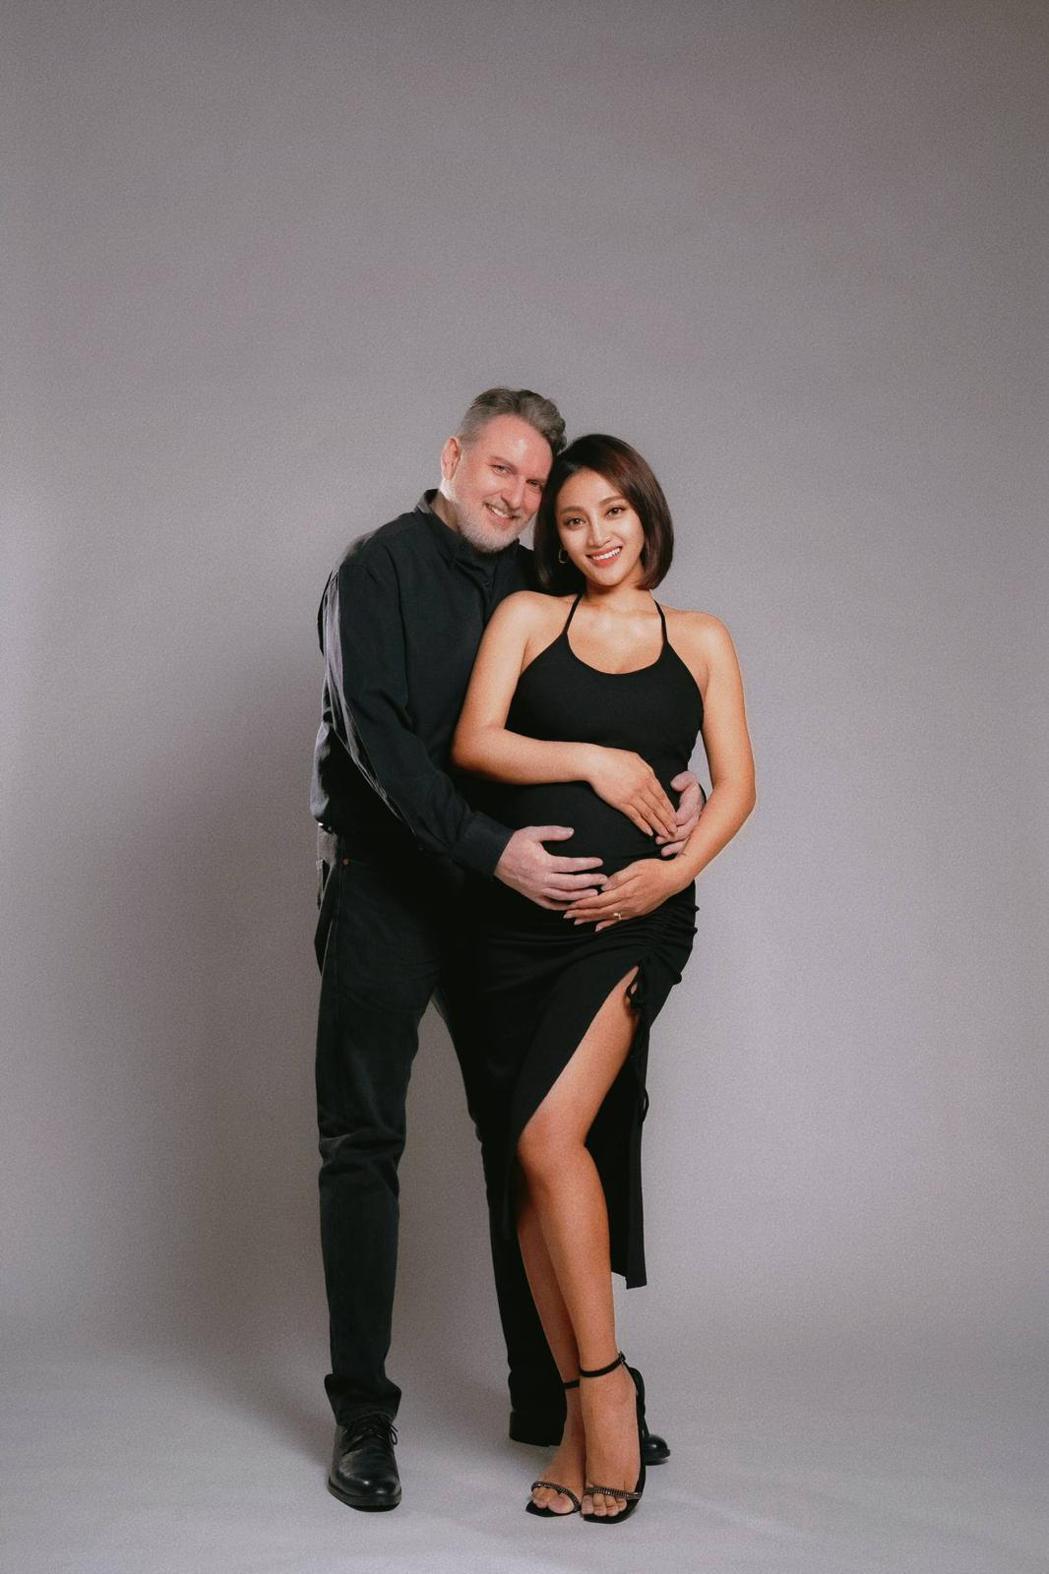 葉瑋庭(右)和加拿大籍老公Russell結婚3年多。圖/沐比專業攝影提供